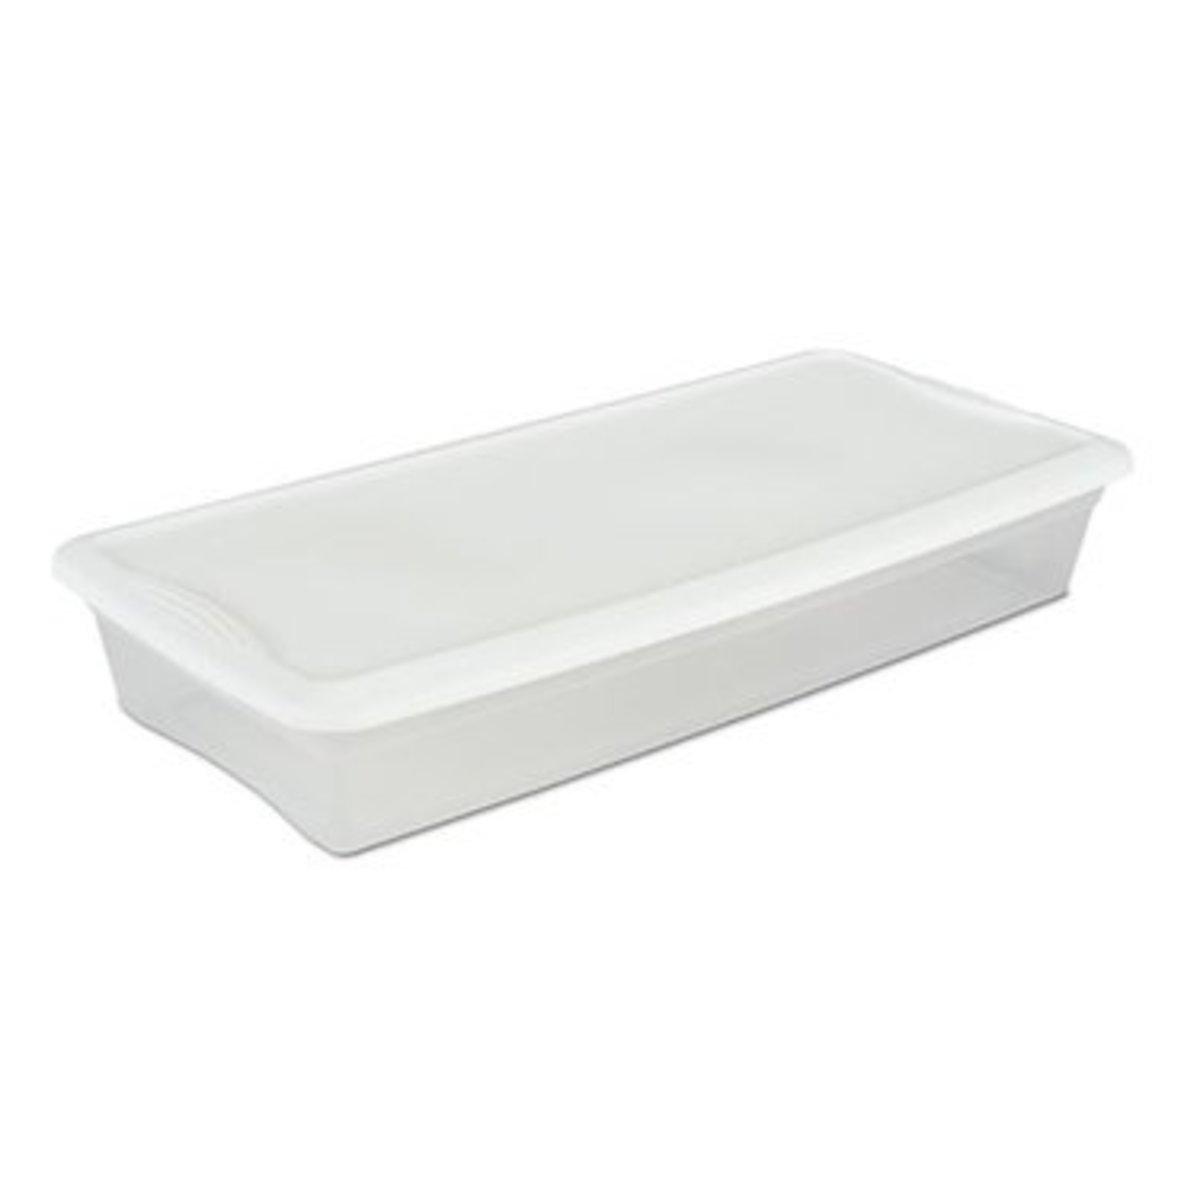 A 41-qt underbed tub